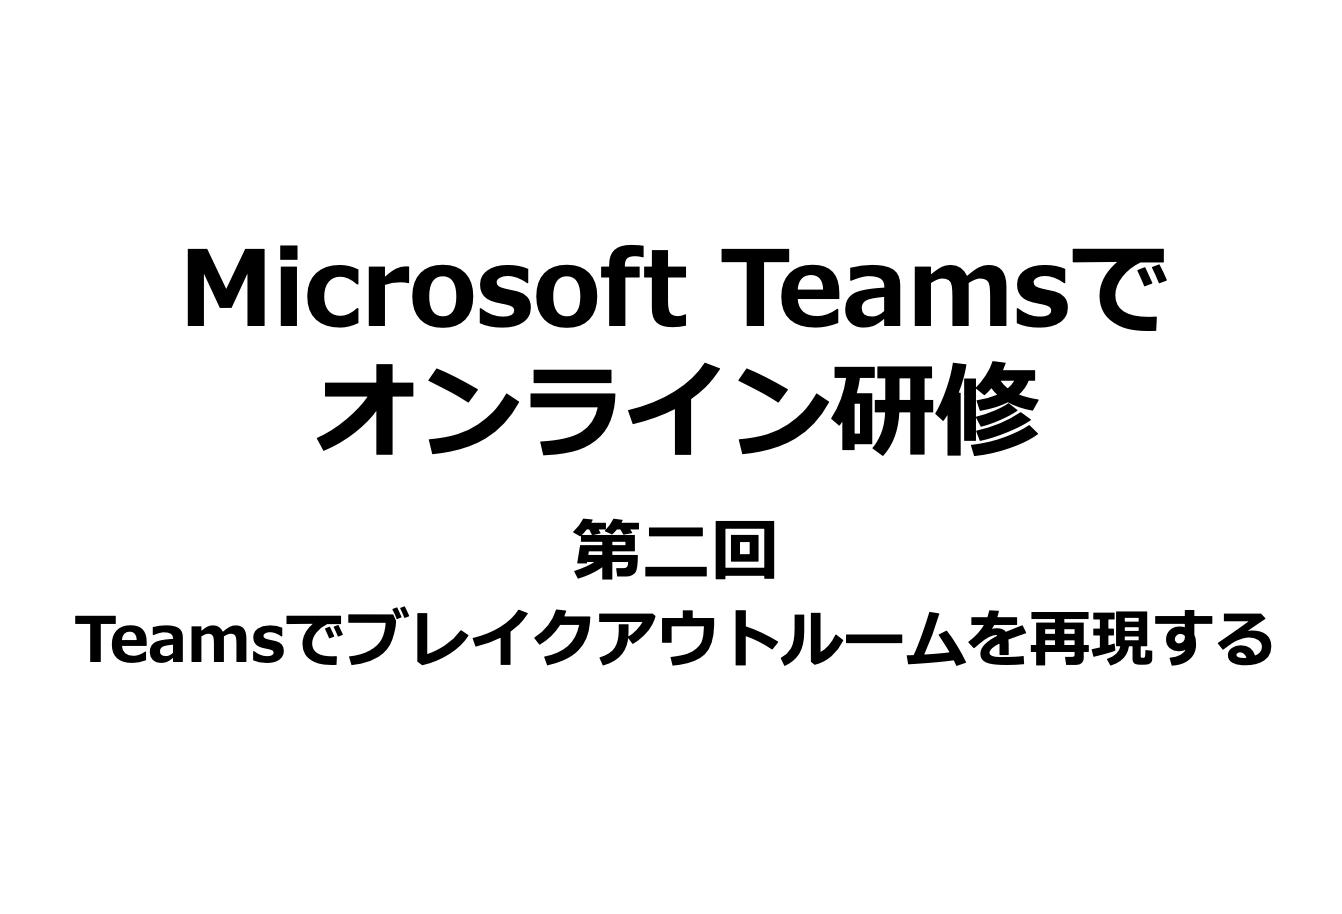 teamsでオンライン研修